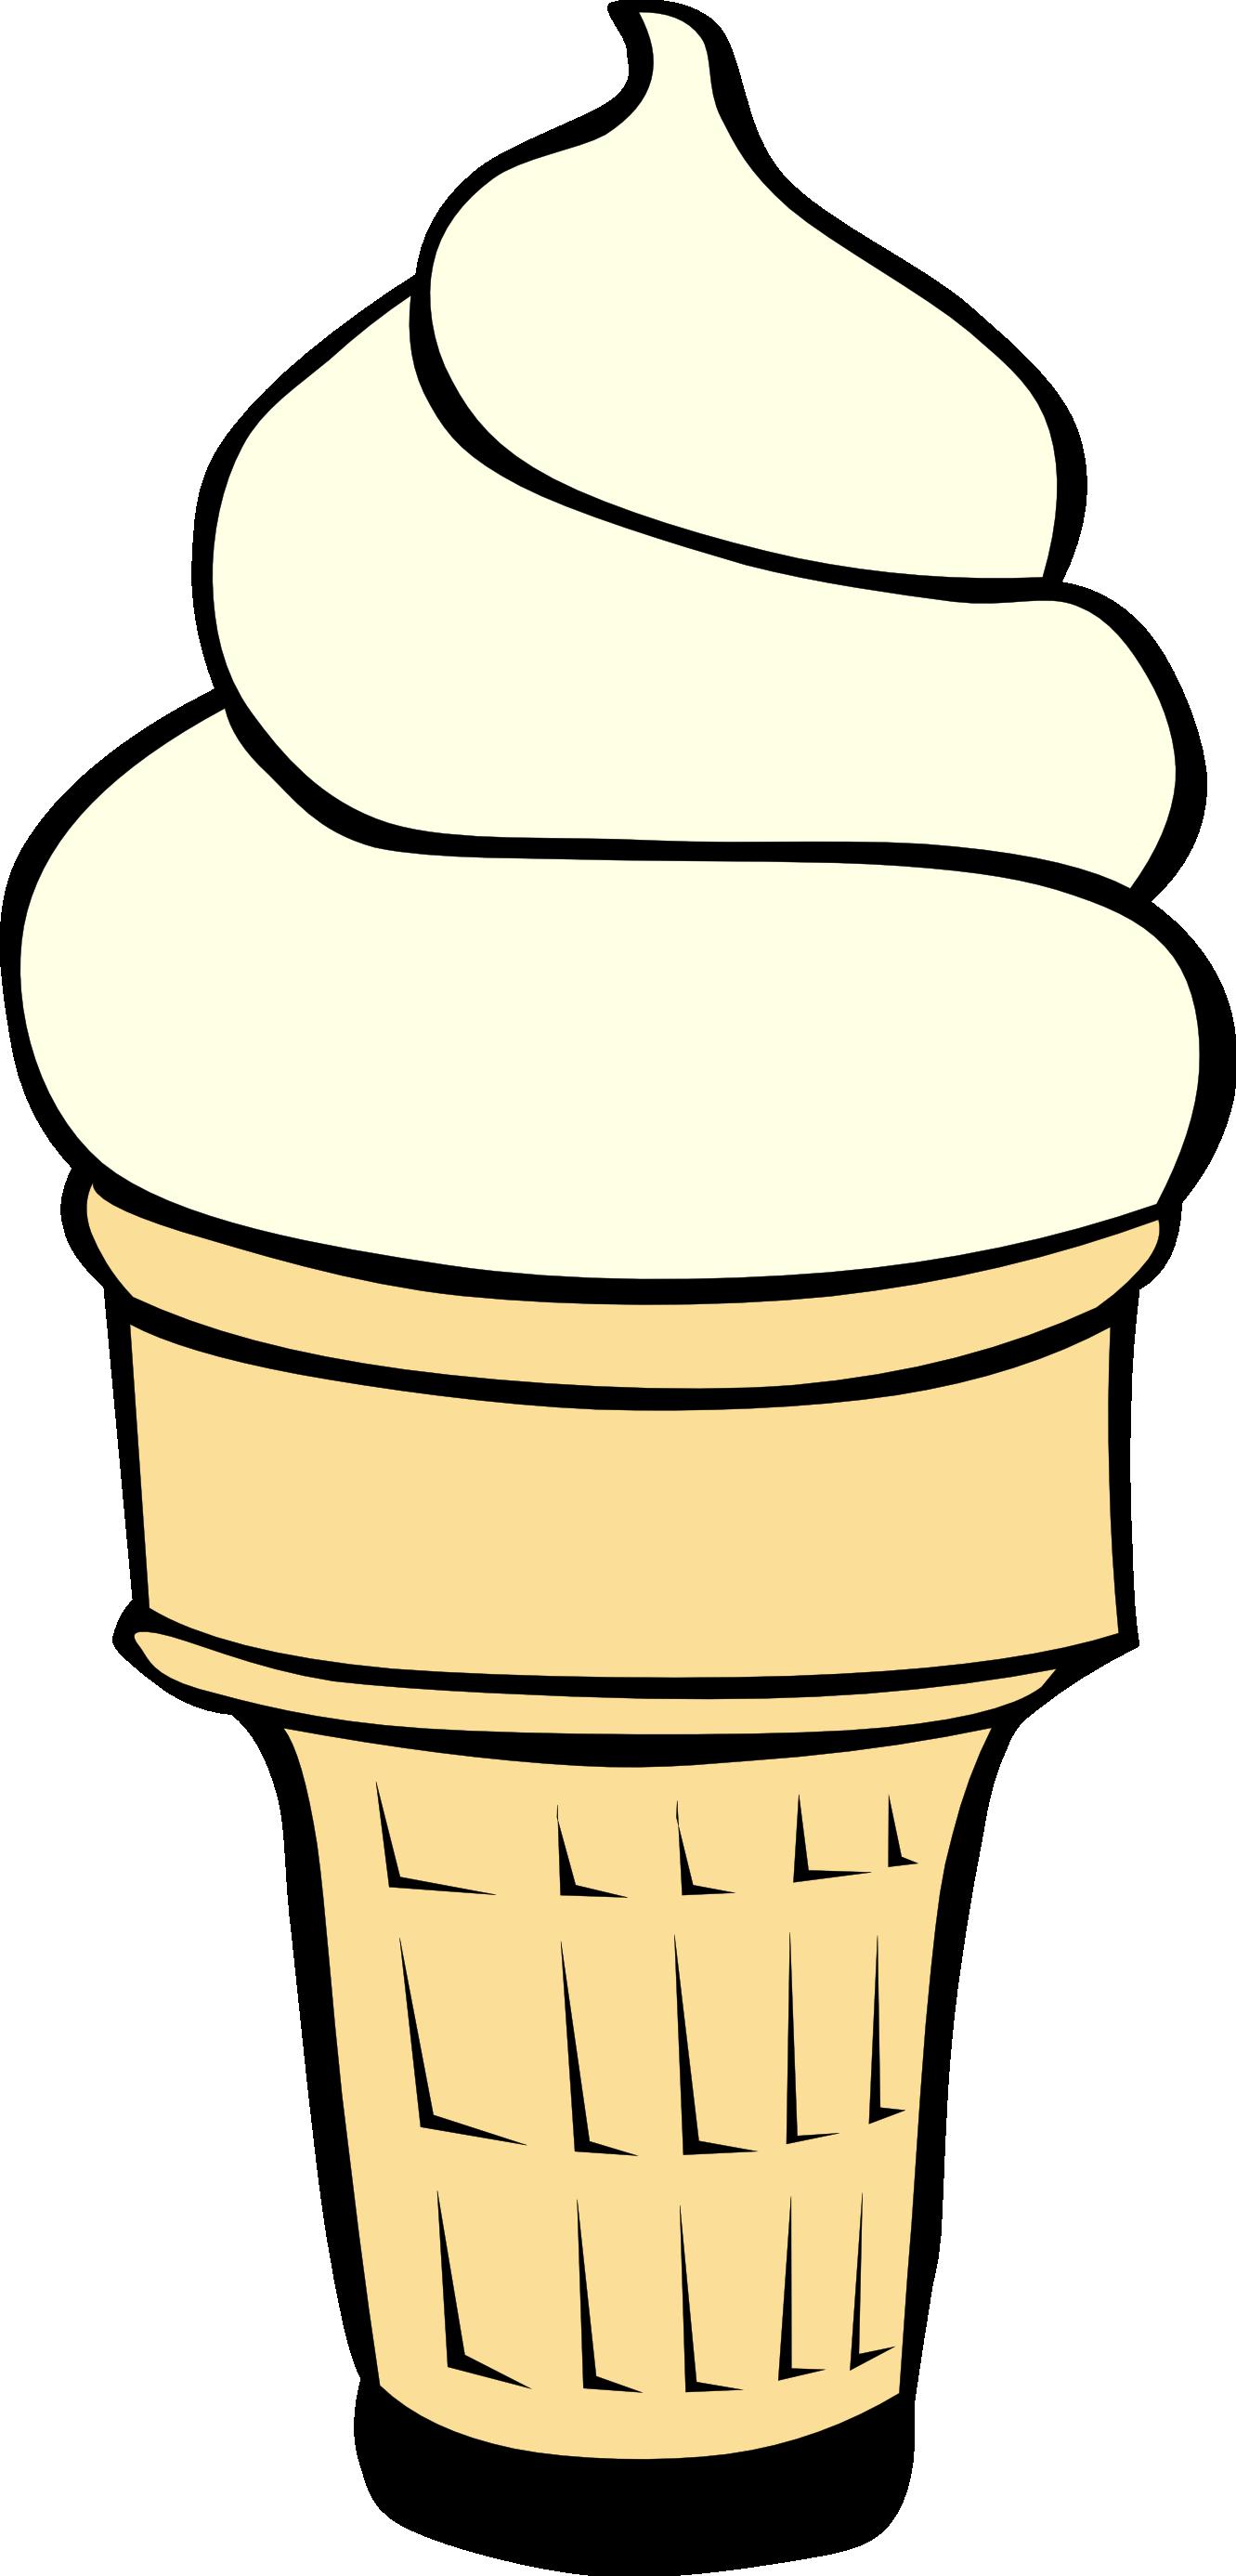 Ice Cream Cone Clipart Clipart Panda Fre-Ice Cream Cone Clipart Clipart Panda Free Clipart Images-14